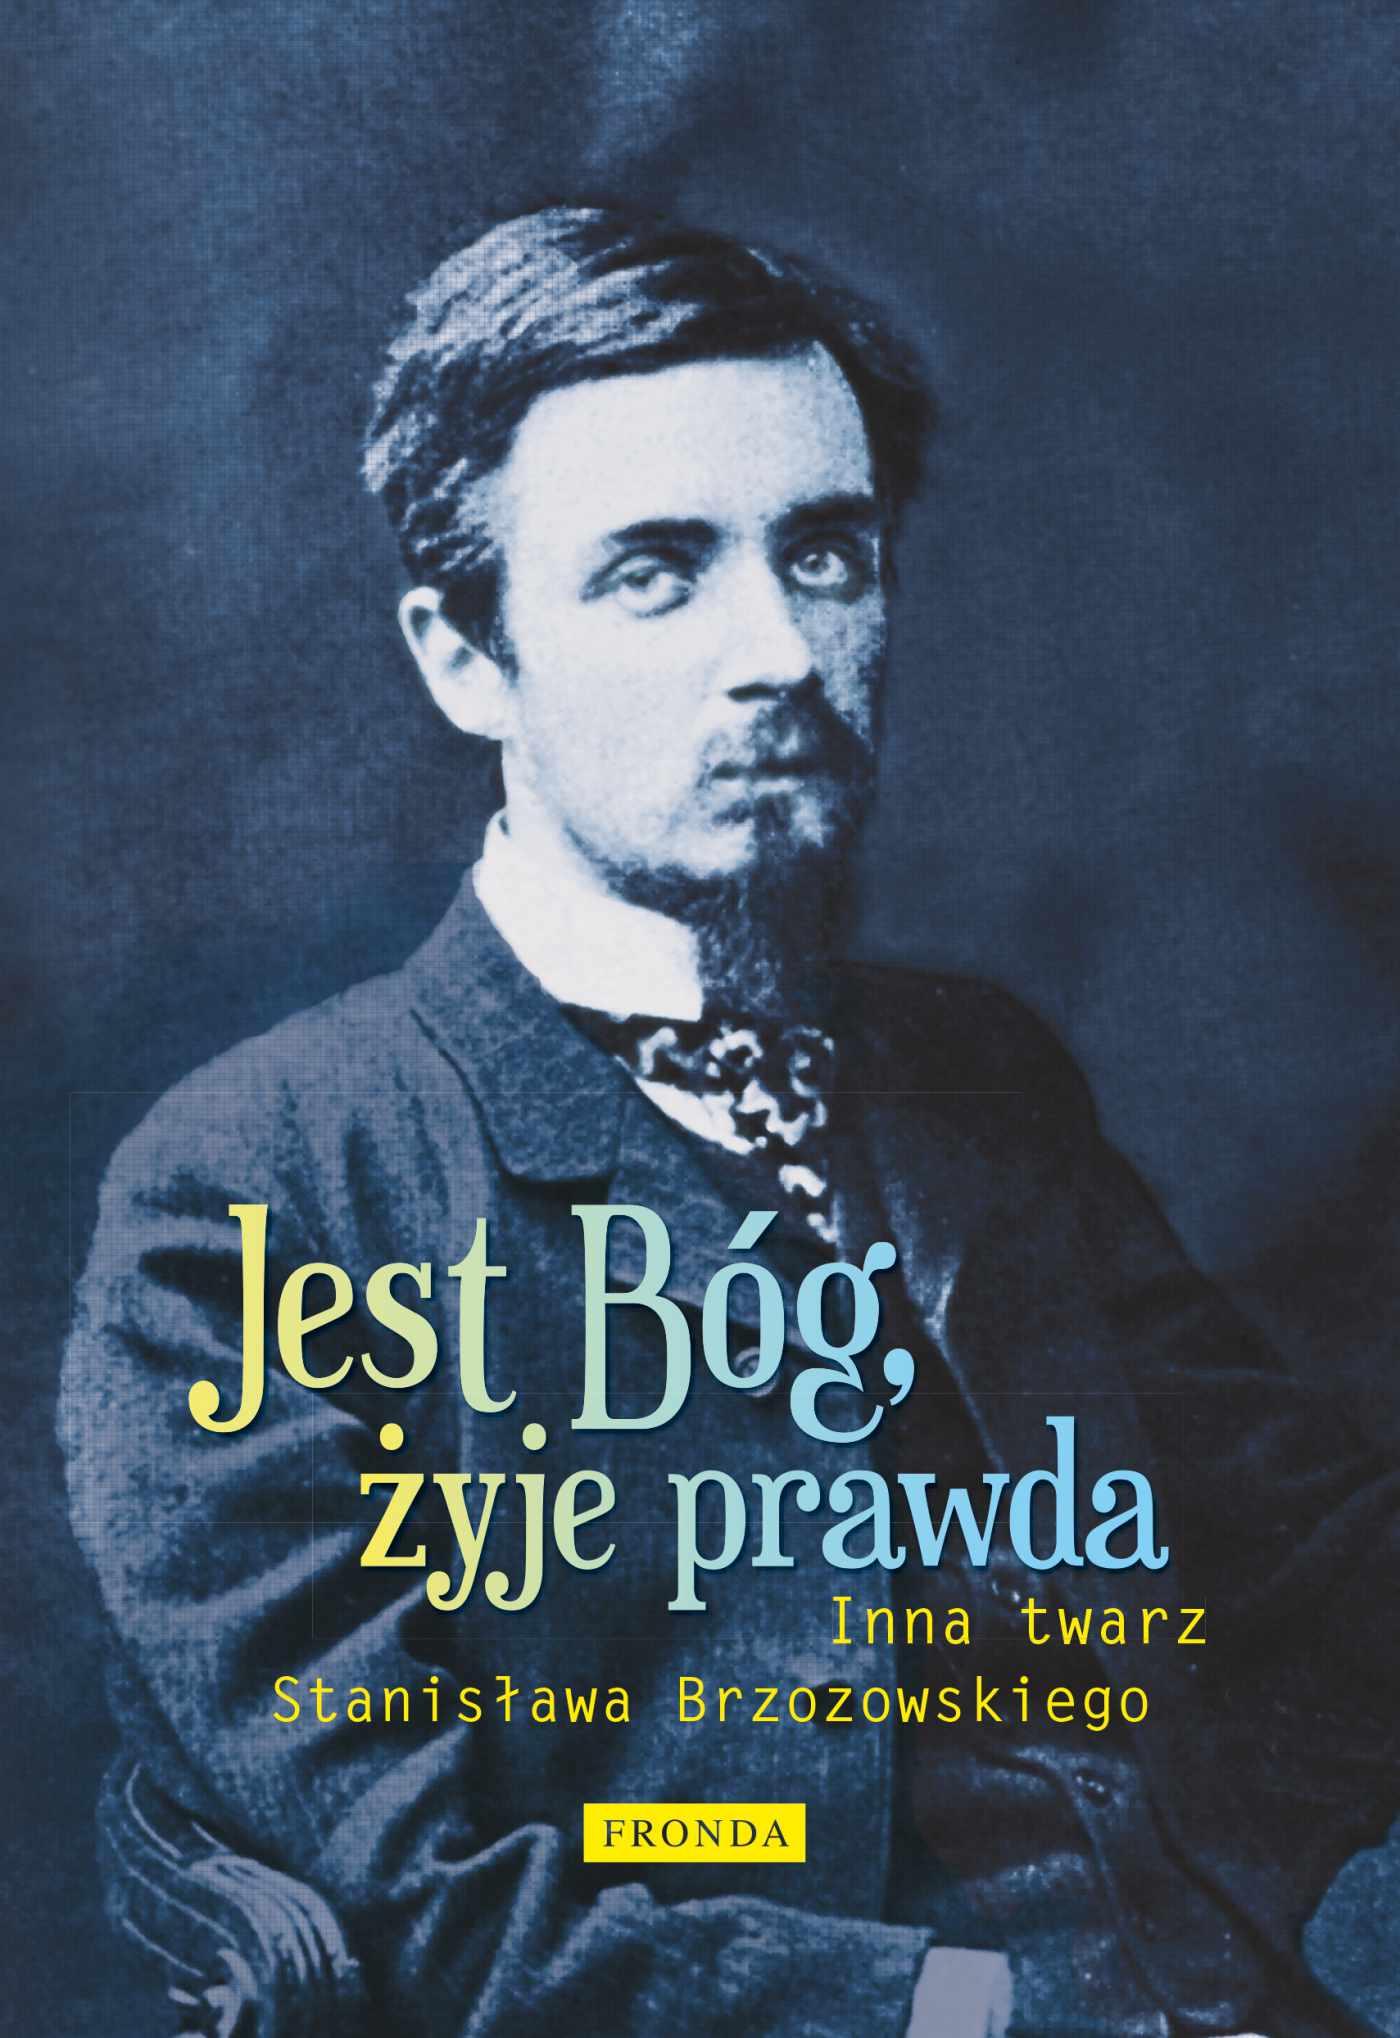 Jest Bóg, żyje prawda Inna twarz Stanisława Brzozowskiego - Ebook (Książka PDF) do pobrania w formacie PDF